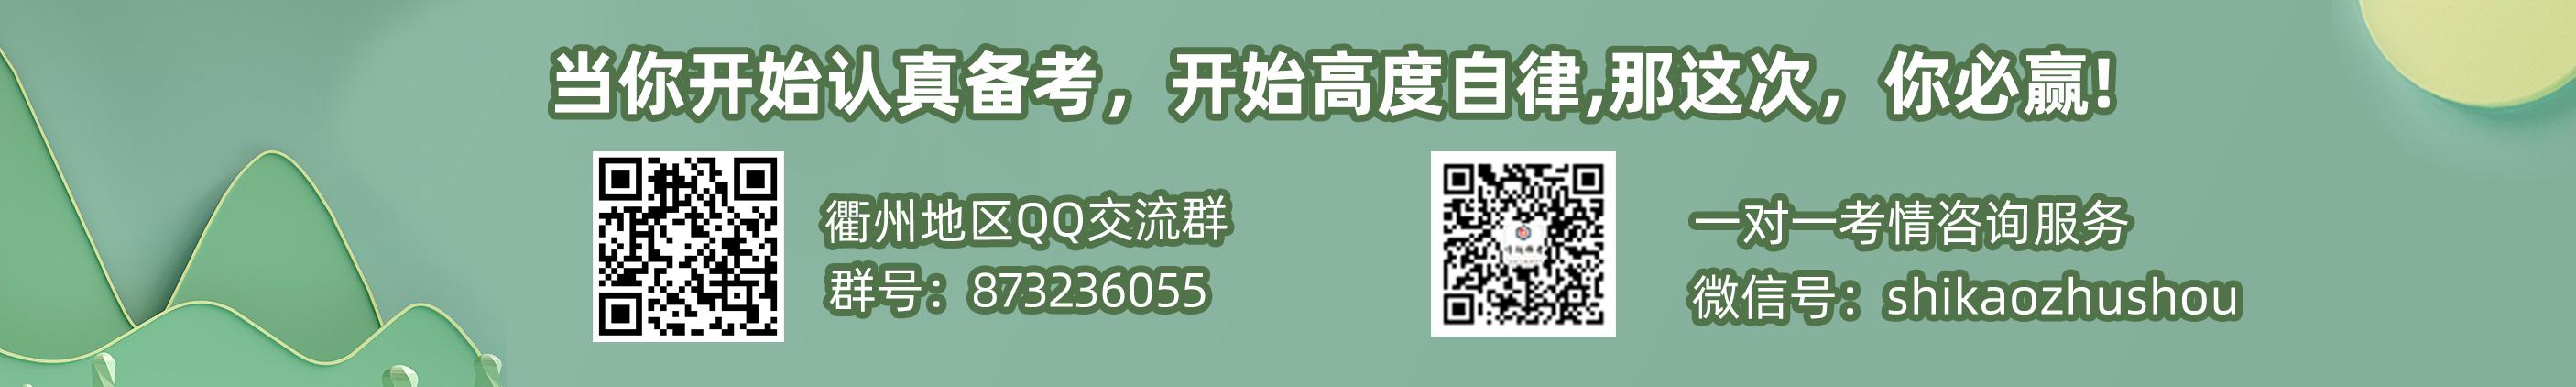 网页小banner衢州.png